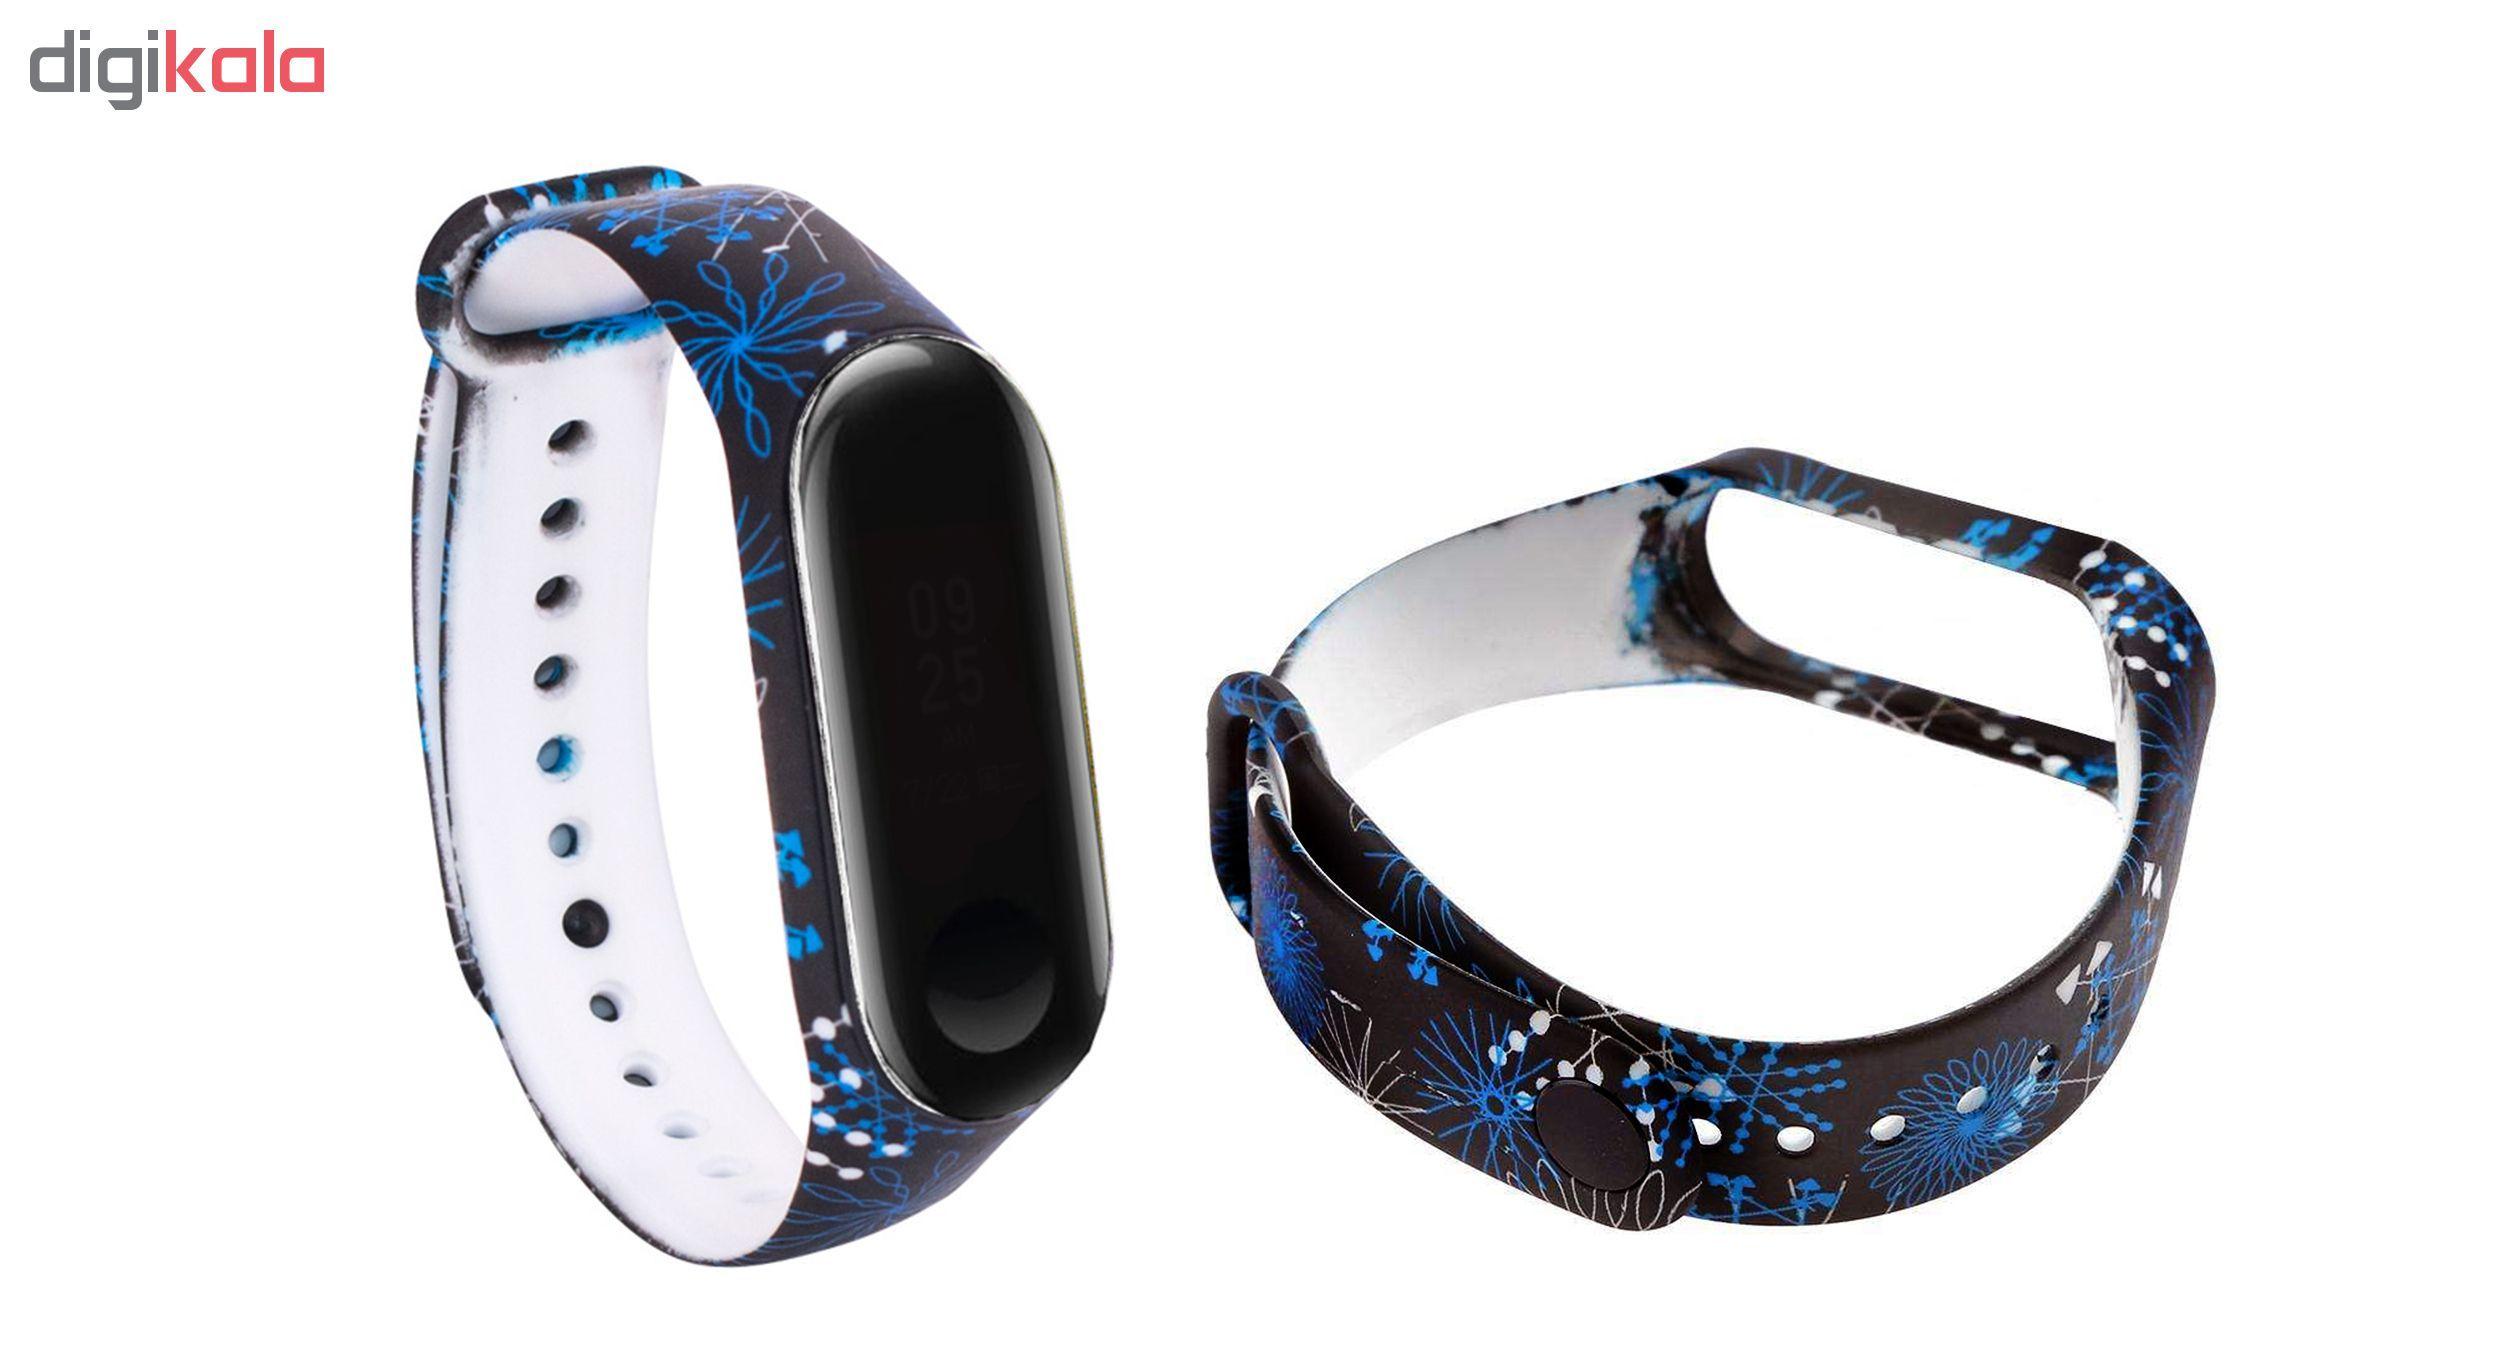 بند مچ بند هوشمند سومگ مدل  SMG-11 مناسب برای مچ بند هوشمند شیائومی Mi Band 3 و M3 main 1 1